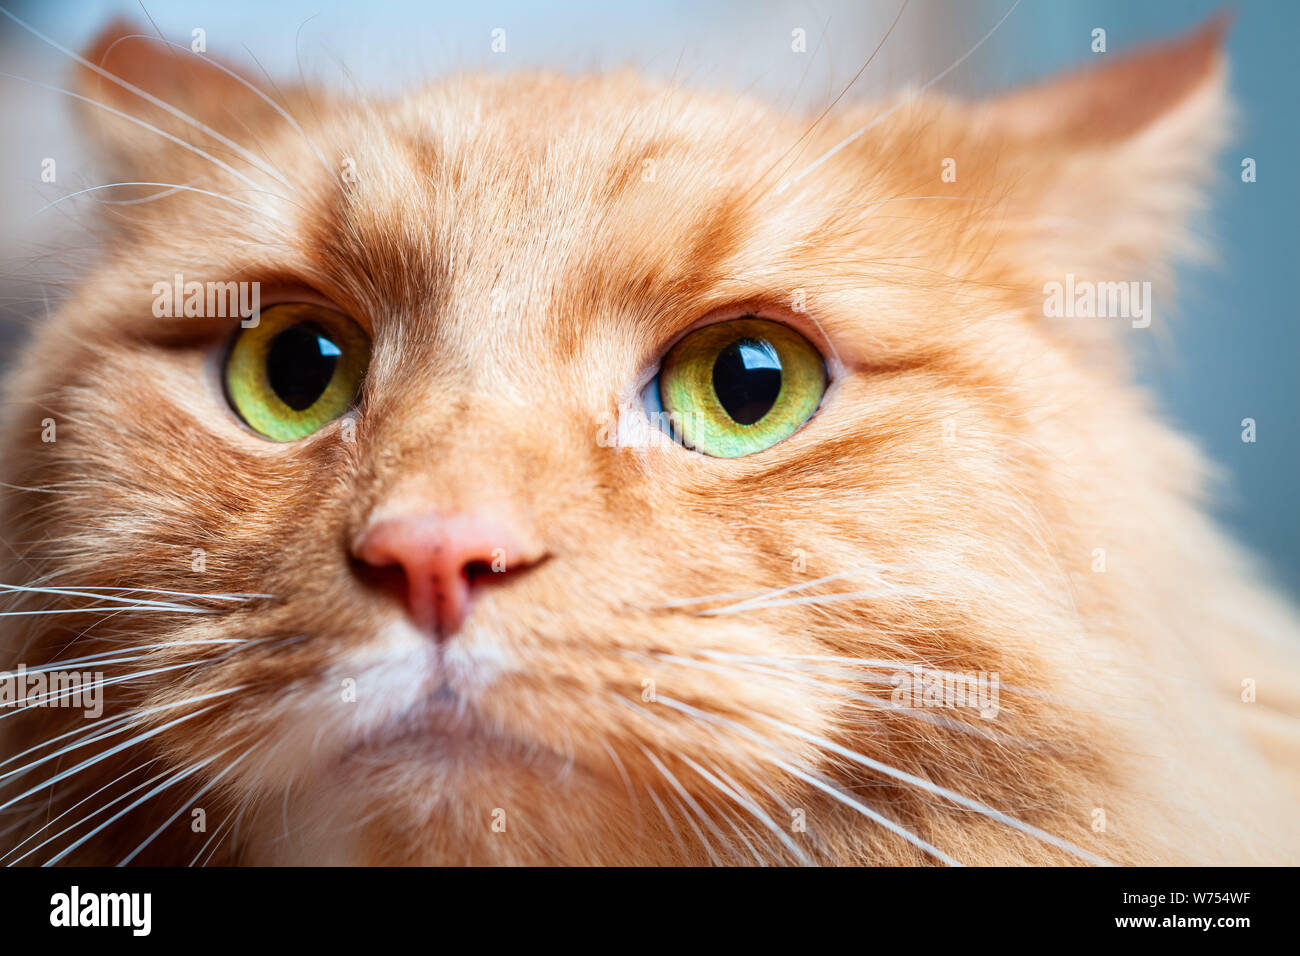 Ginger cat con hermosos ojos verdes - extreme closeup retrato Foto de stock